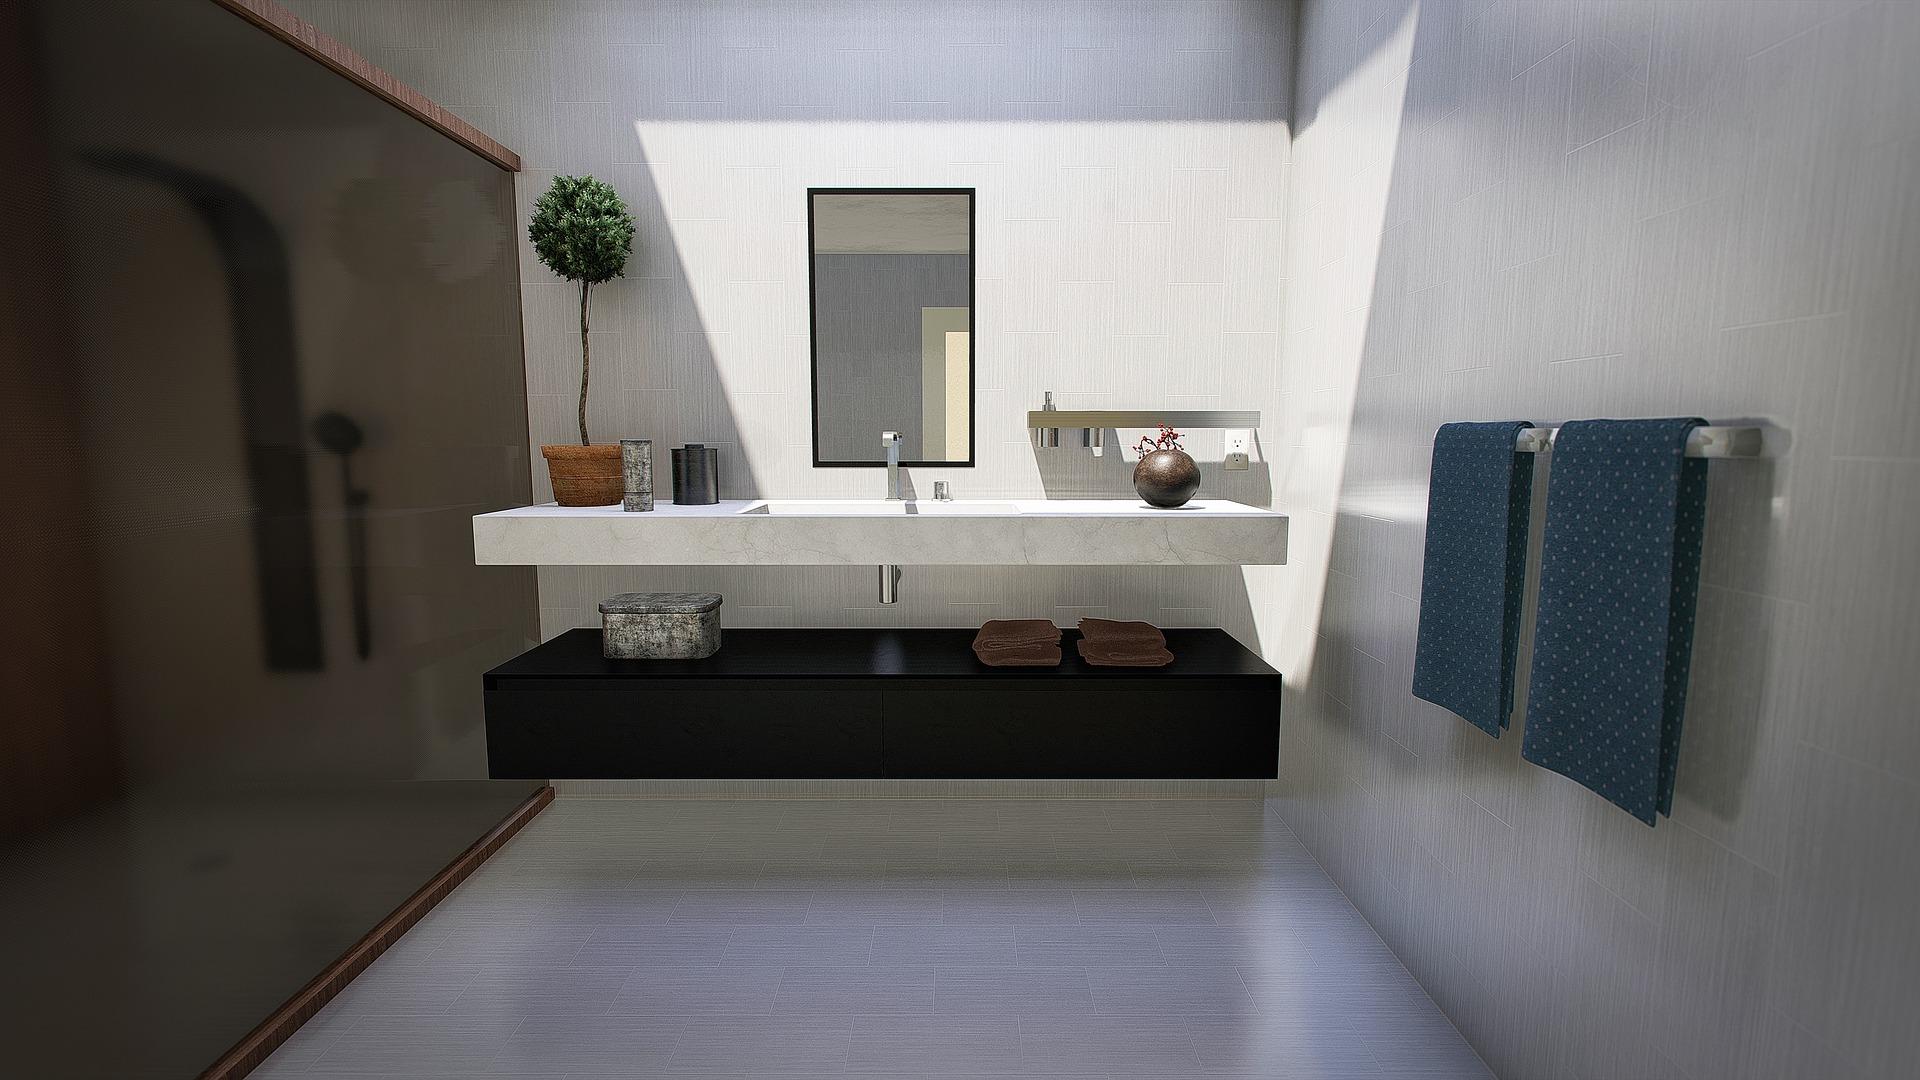 Badkamer Kopen Tips : Tips voor een stijlvolle en praktische badkamer nieuws